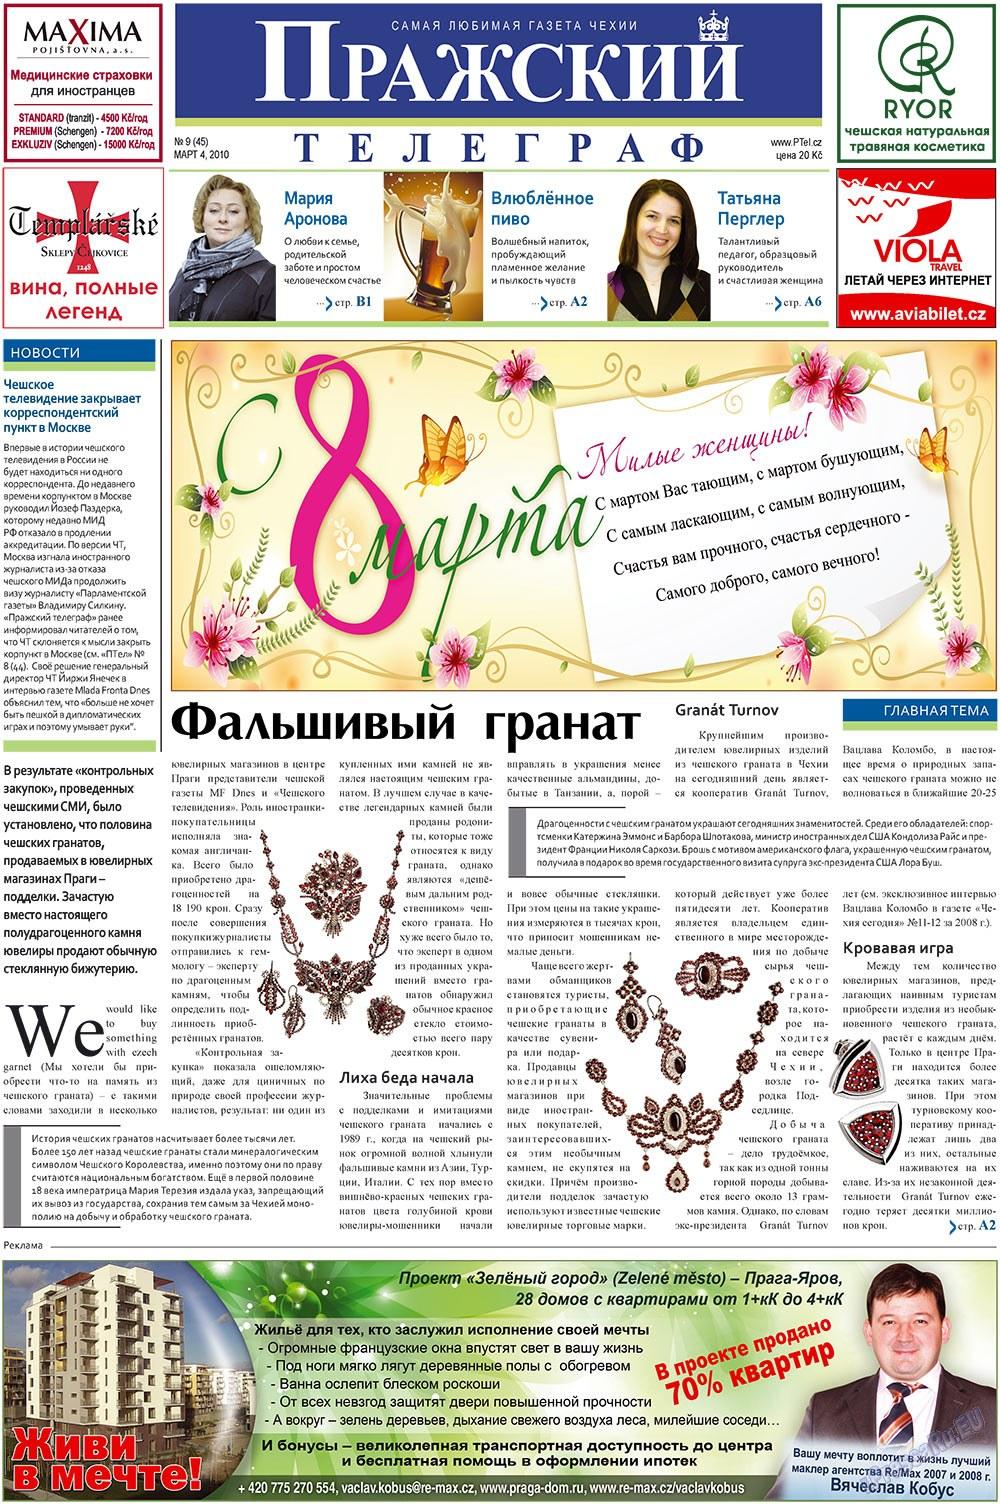 Пражский телеграф (газета). 2010 год, номер 9, стр. 1